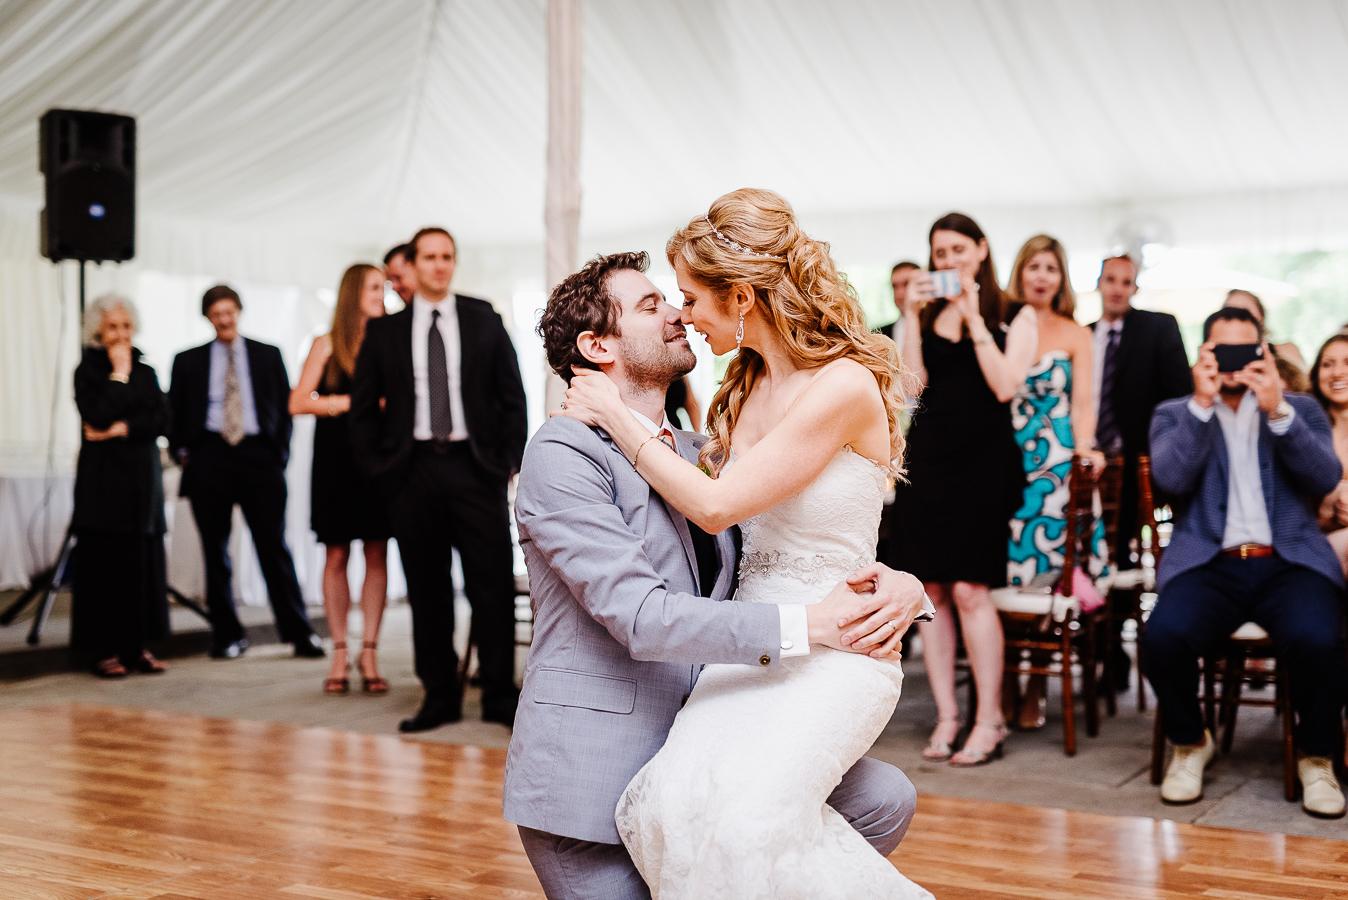 Stylish Crossed Keys Inn Wedding Crossed Keys Wedding Crossed Keys Inn Andover NJ Longbrook Photography-60.jpg